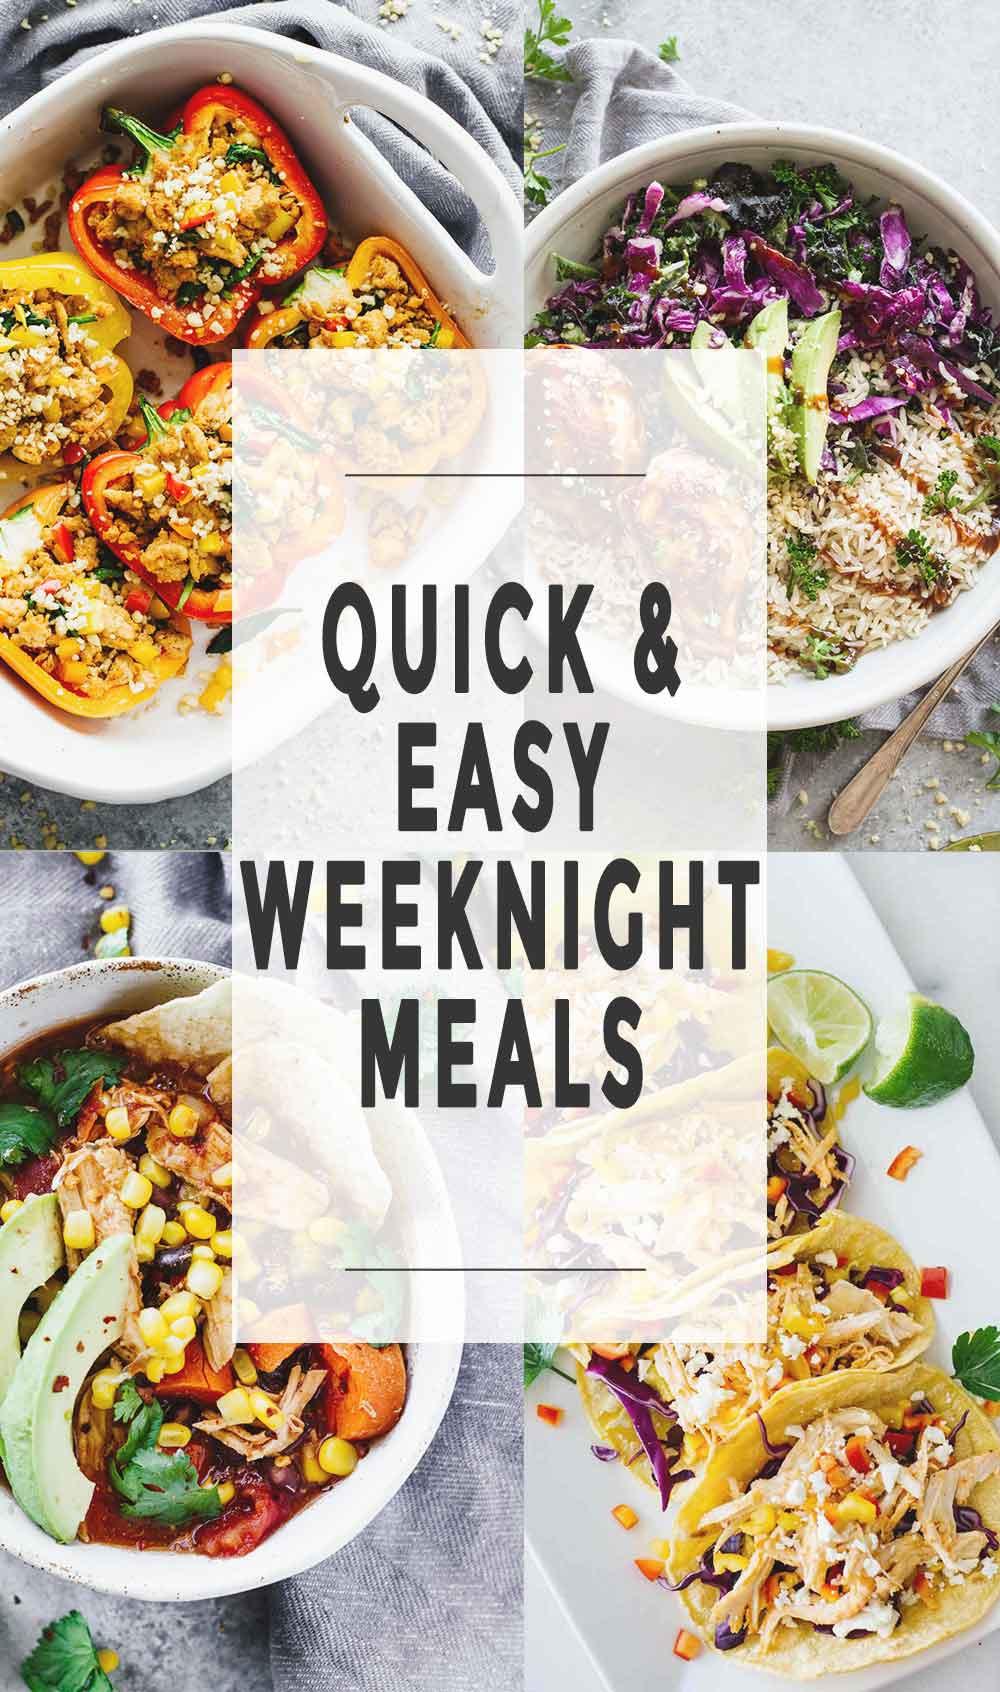 Easy Weeknight Dinners Healthy  Quick & Easy Weeknight Meals Jar Lemons